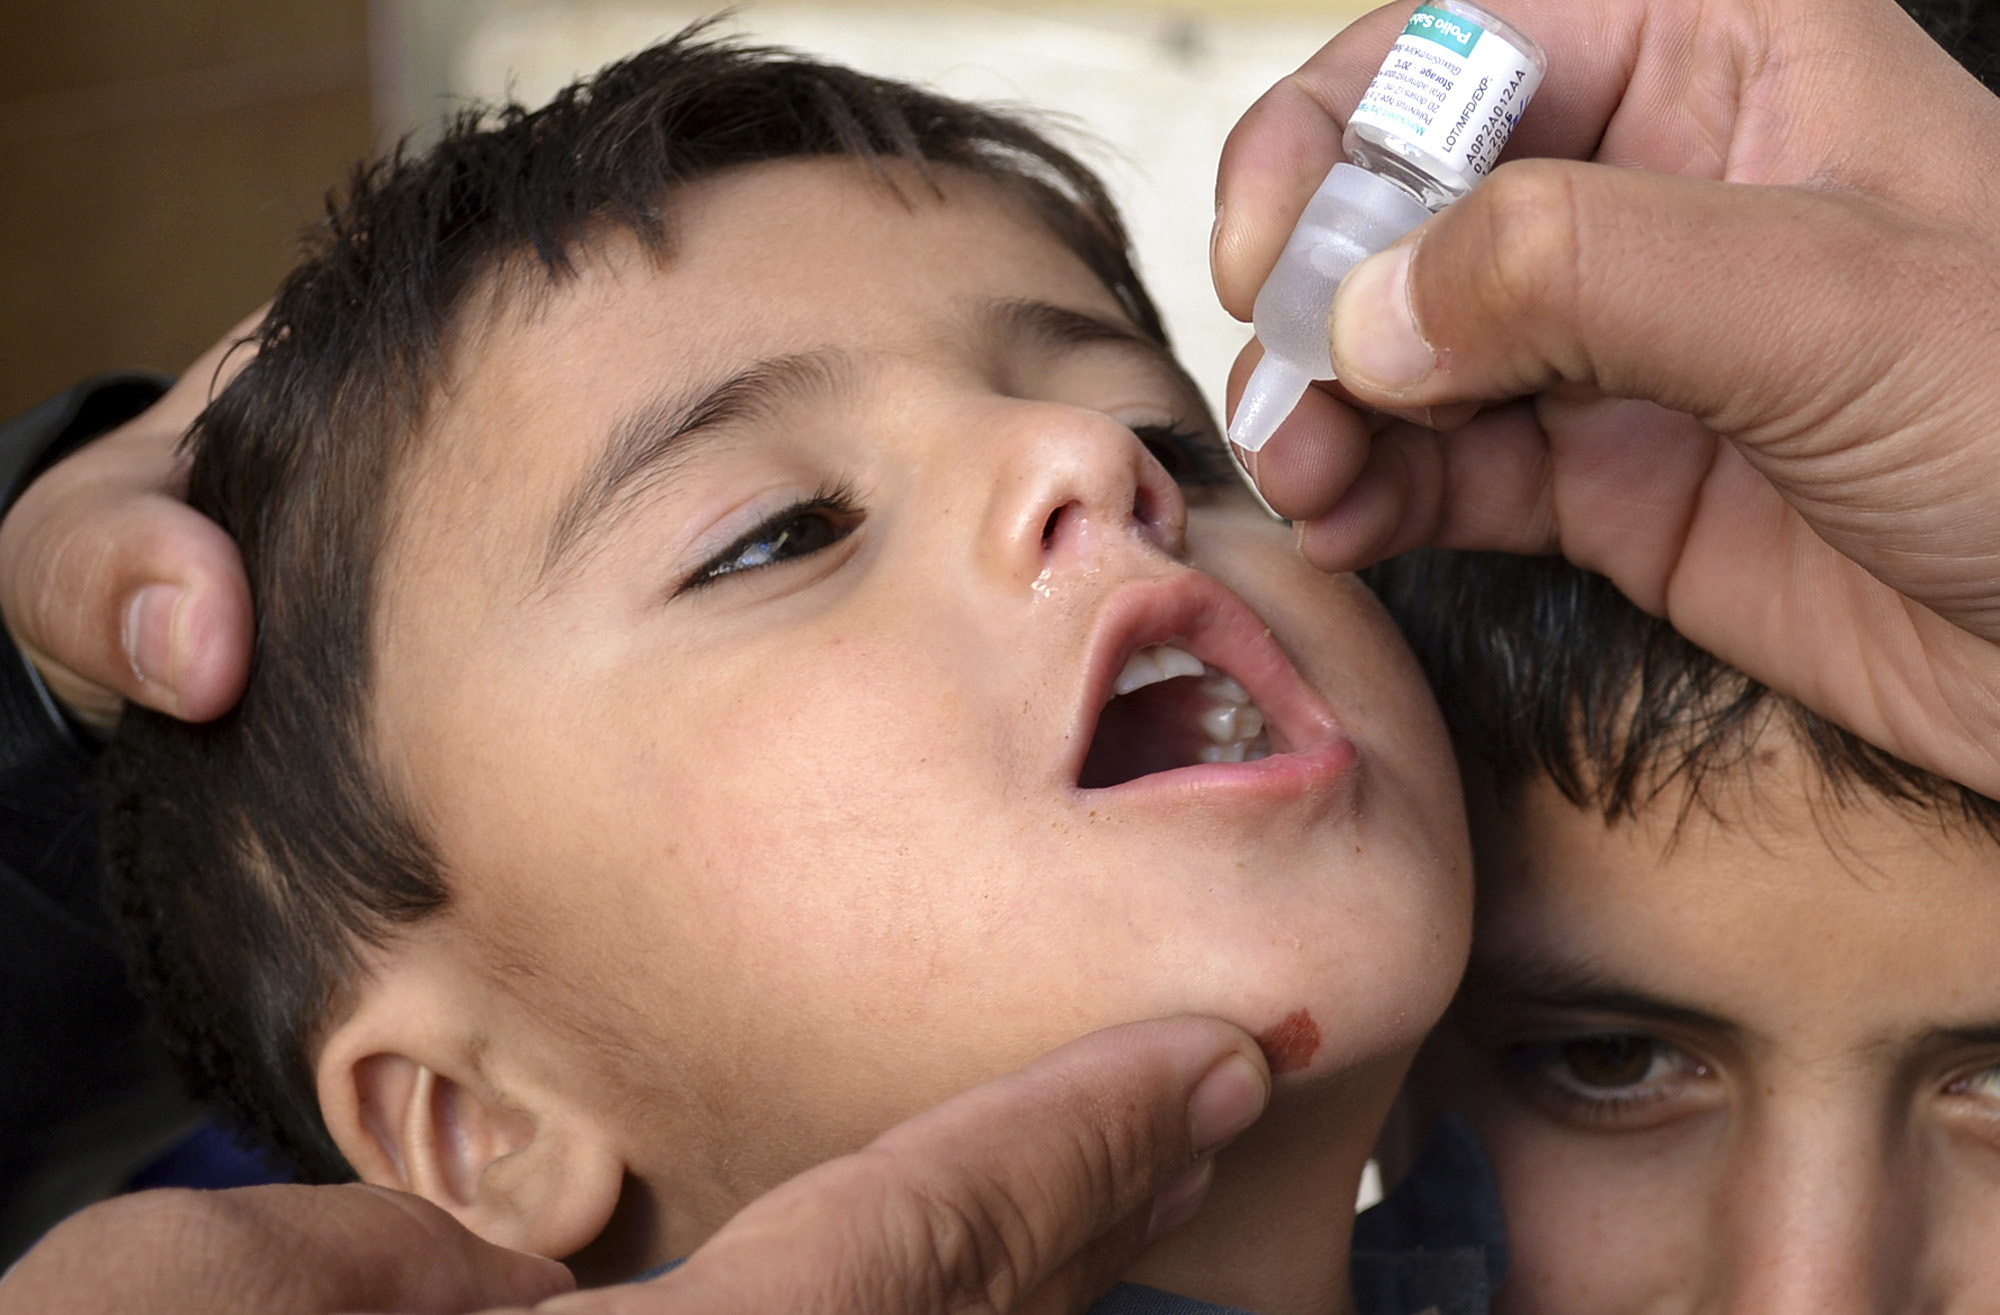 巴基斯坦於2016年底在Baluchistan的下水道系統發現小兒麻痺病毒,衛生人員2017年1月2日為一名小孩施以口服小兒麻痺沙賓疫苗。(美聯社)